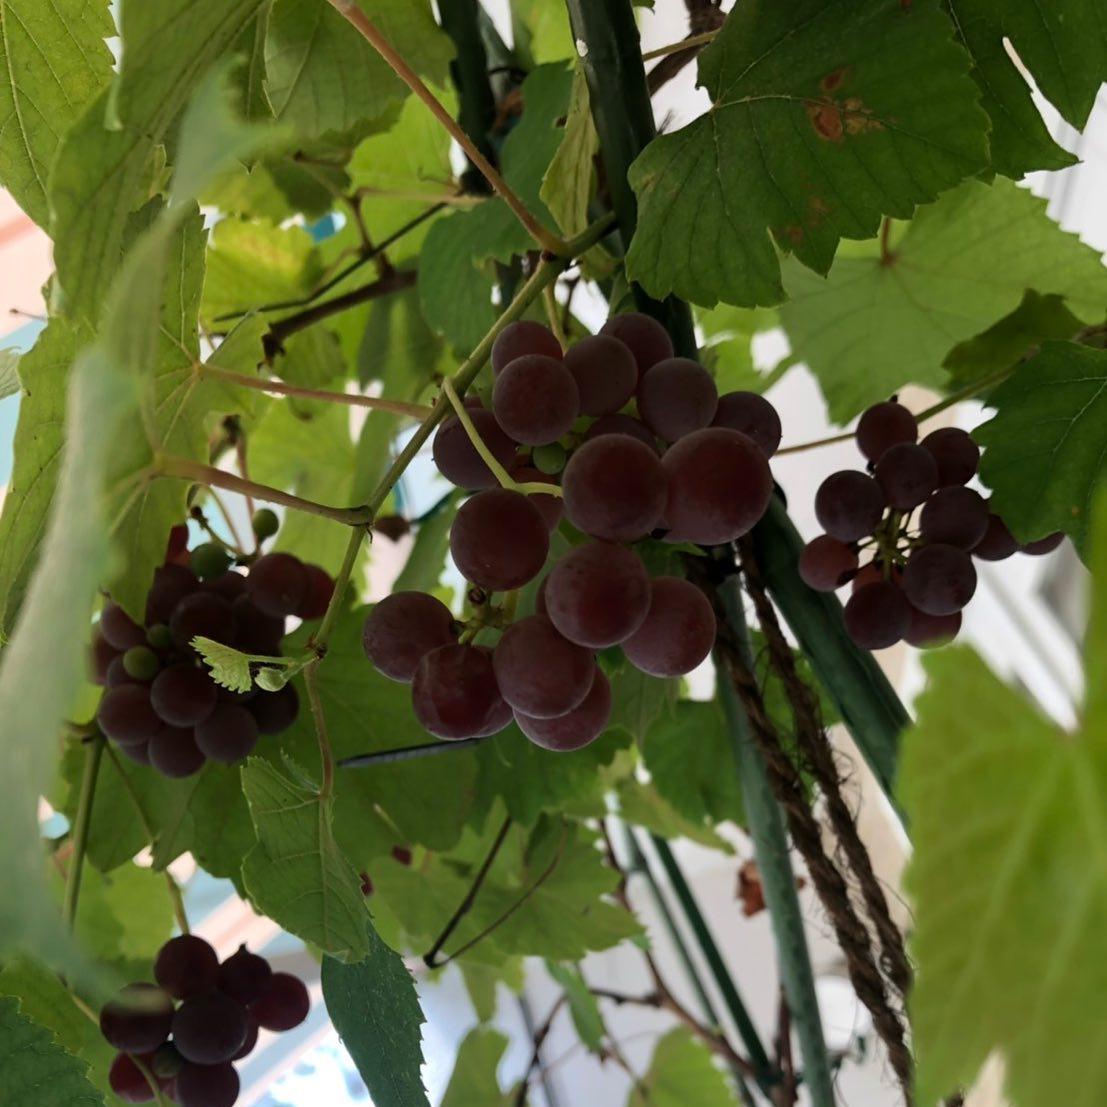 店の表のぶどう 種があるけど甘くて美味しい そろそろ収穫して冷やしておきます  8/18、19、20と夏休み頂きます。 水曜日よりご来店お待ちしております🏻